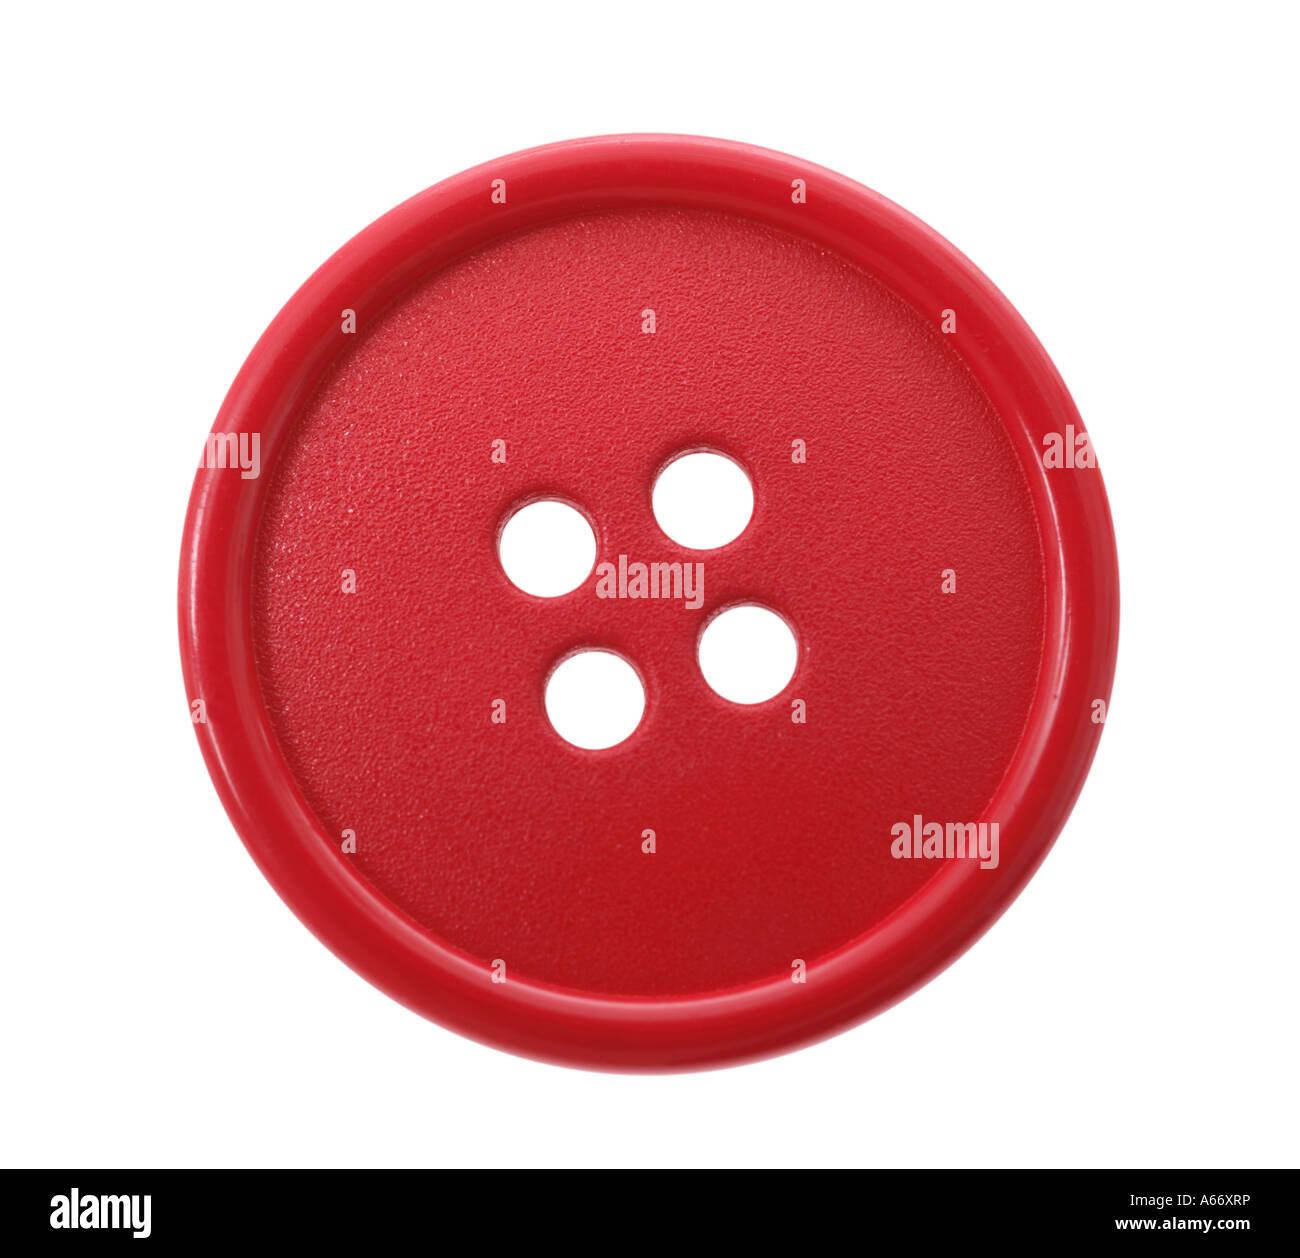 Rote Taste auf weißem Hintergrund ausschneiden Stockbild